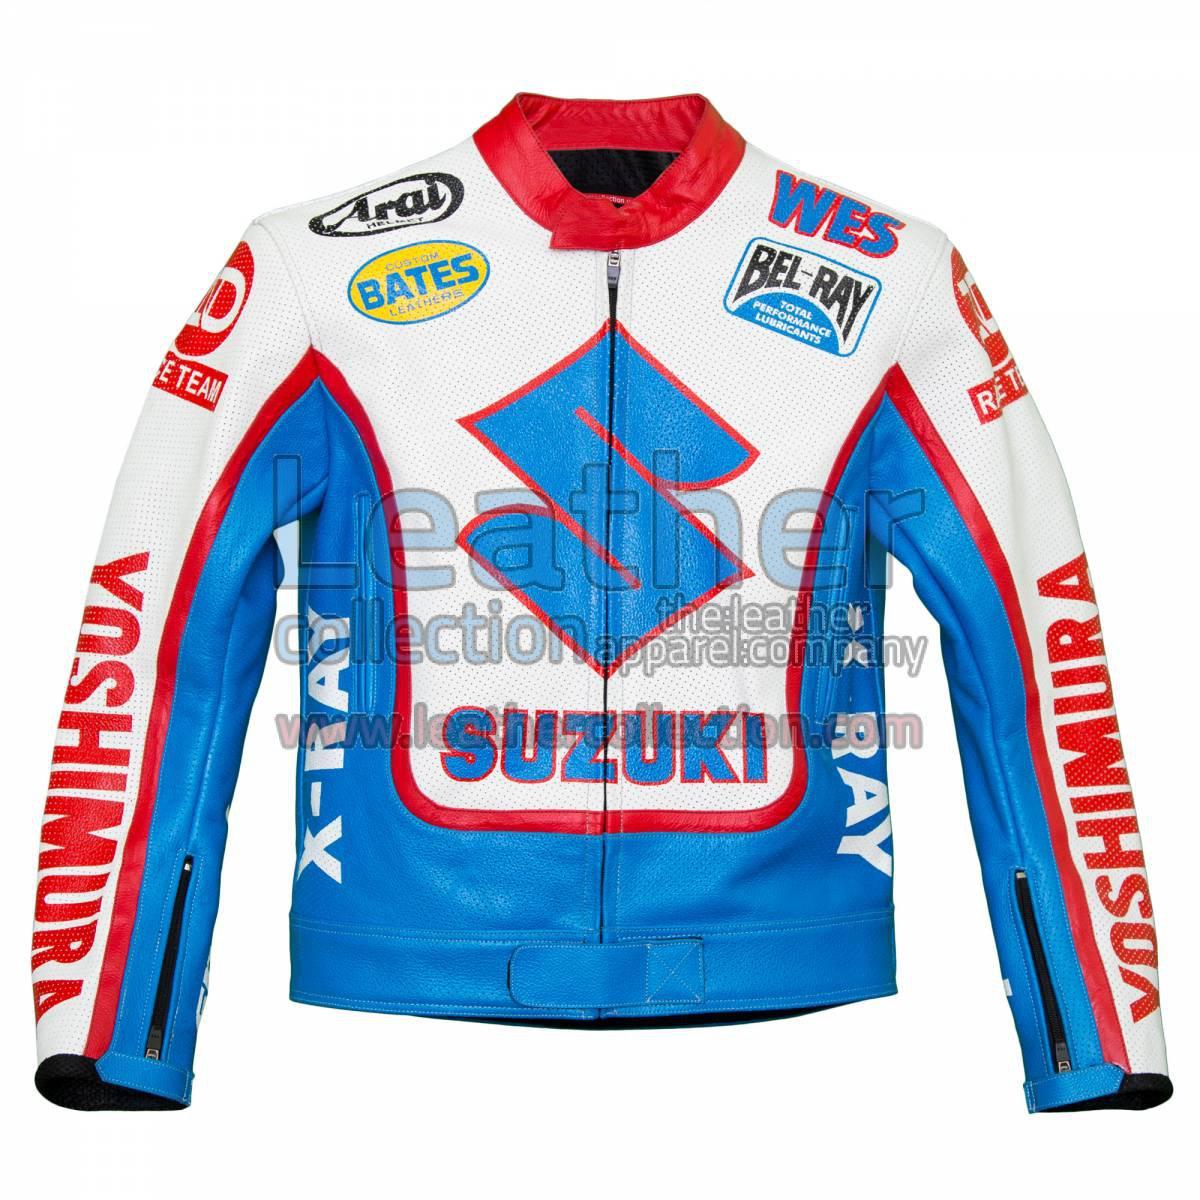 Wes Cooley Yoshimura Suzuki AMA Race Jacket